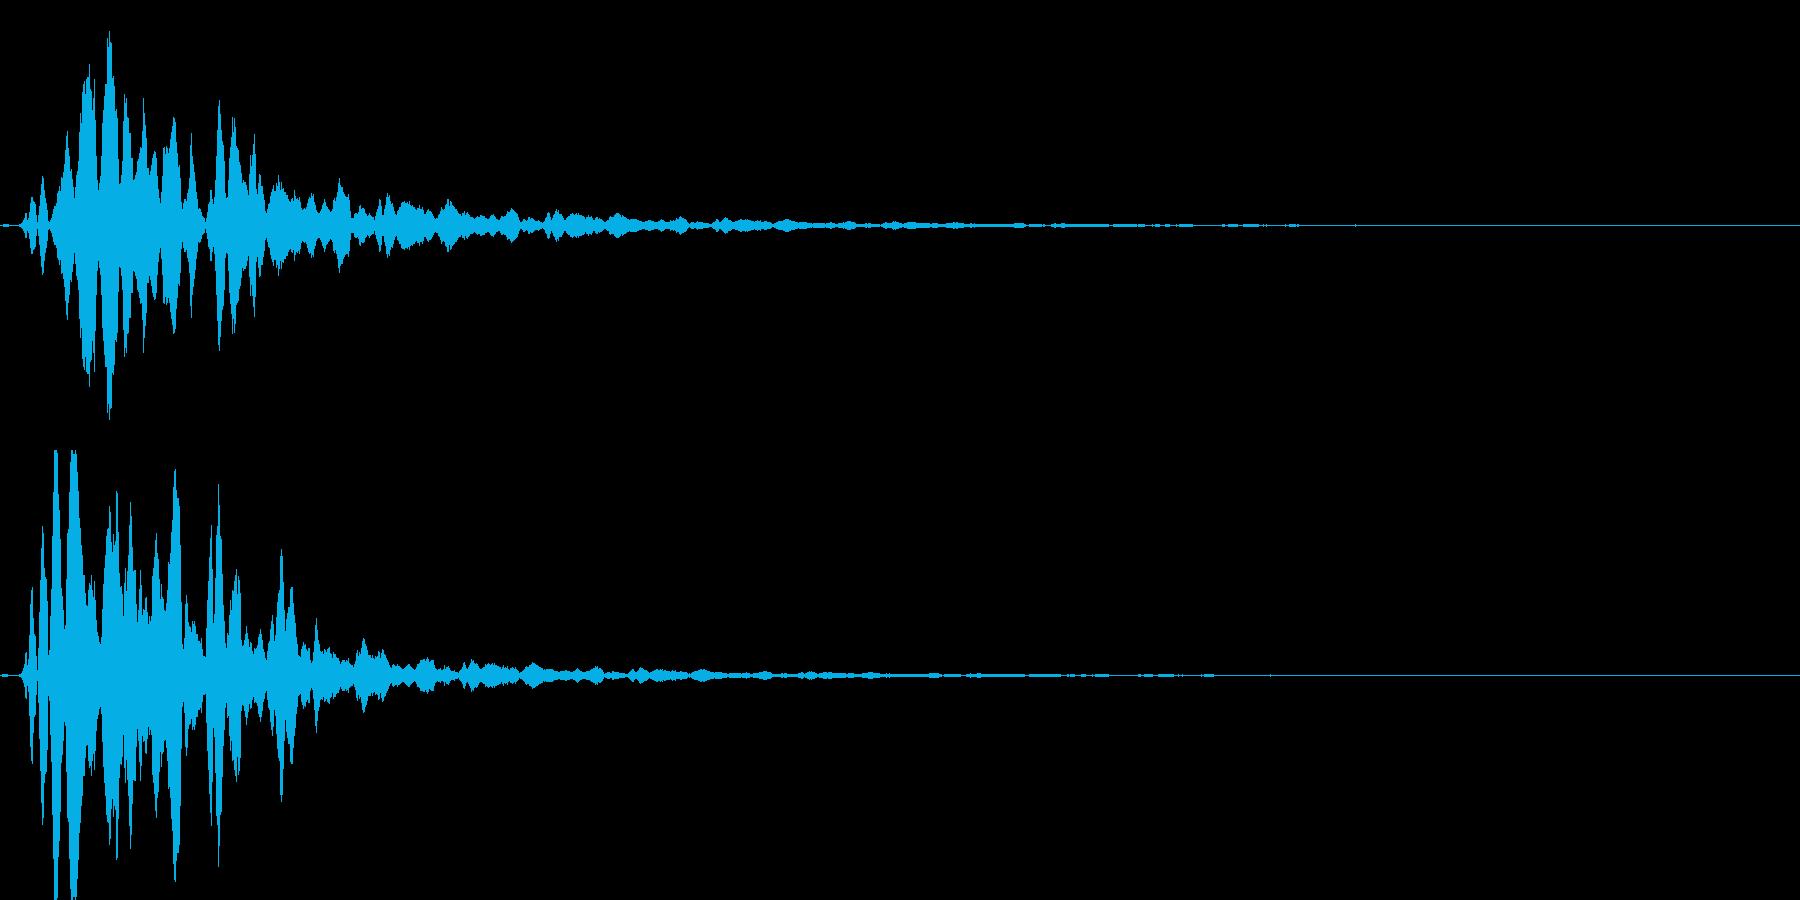 お宝の音の再生済みの波形